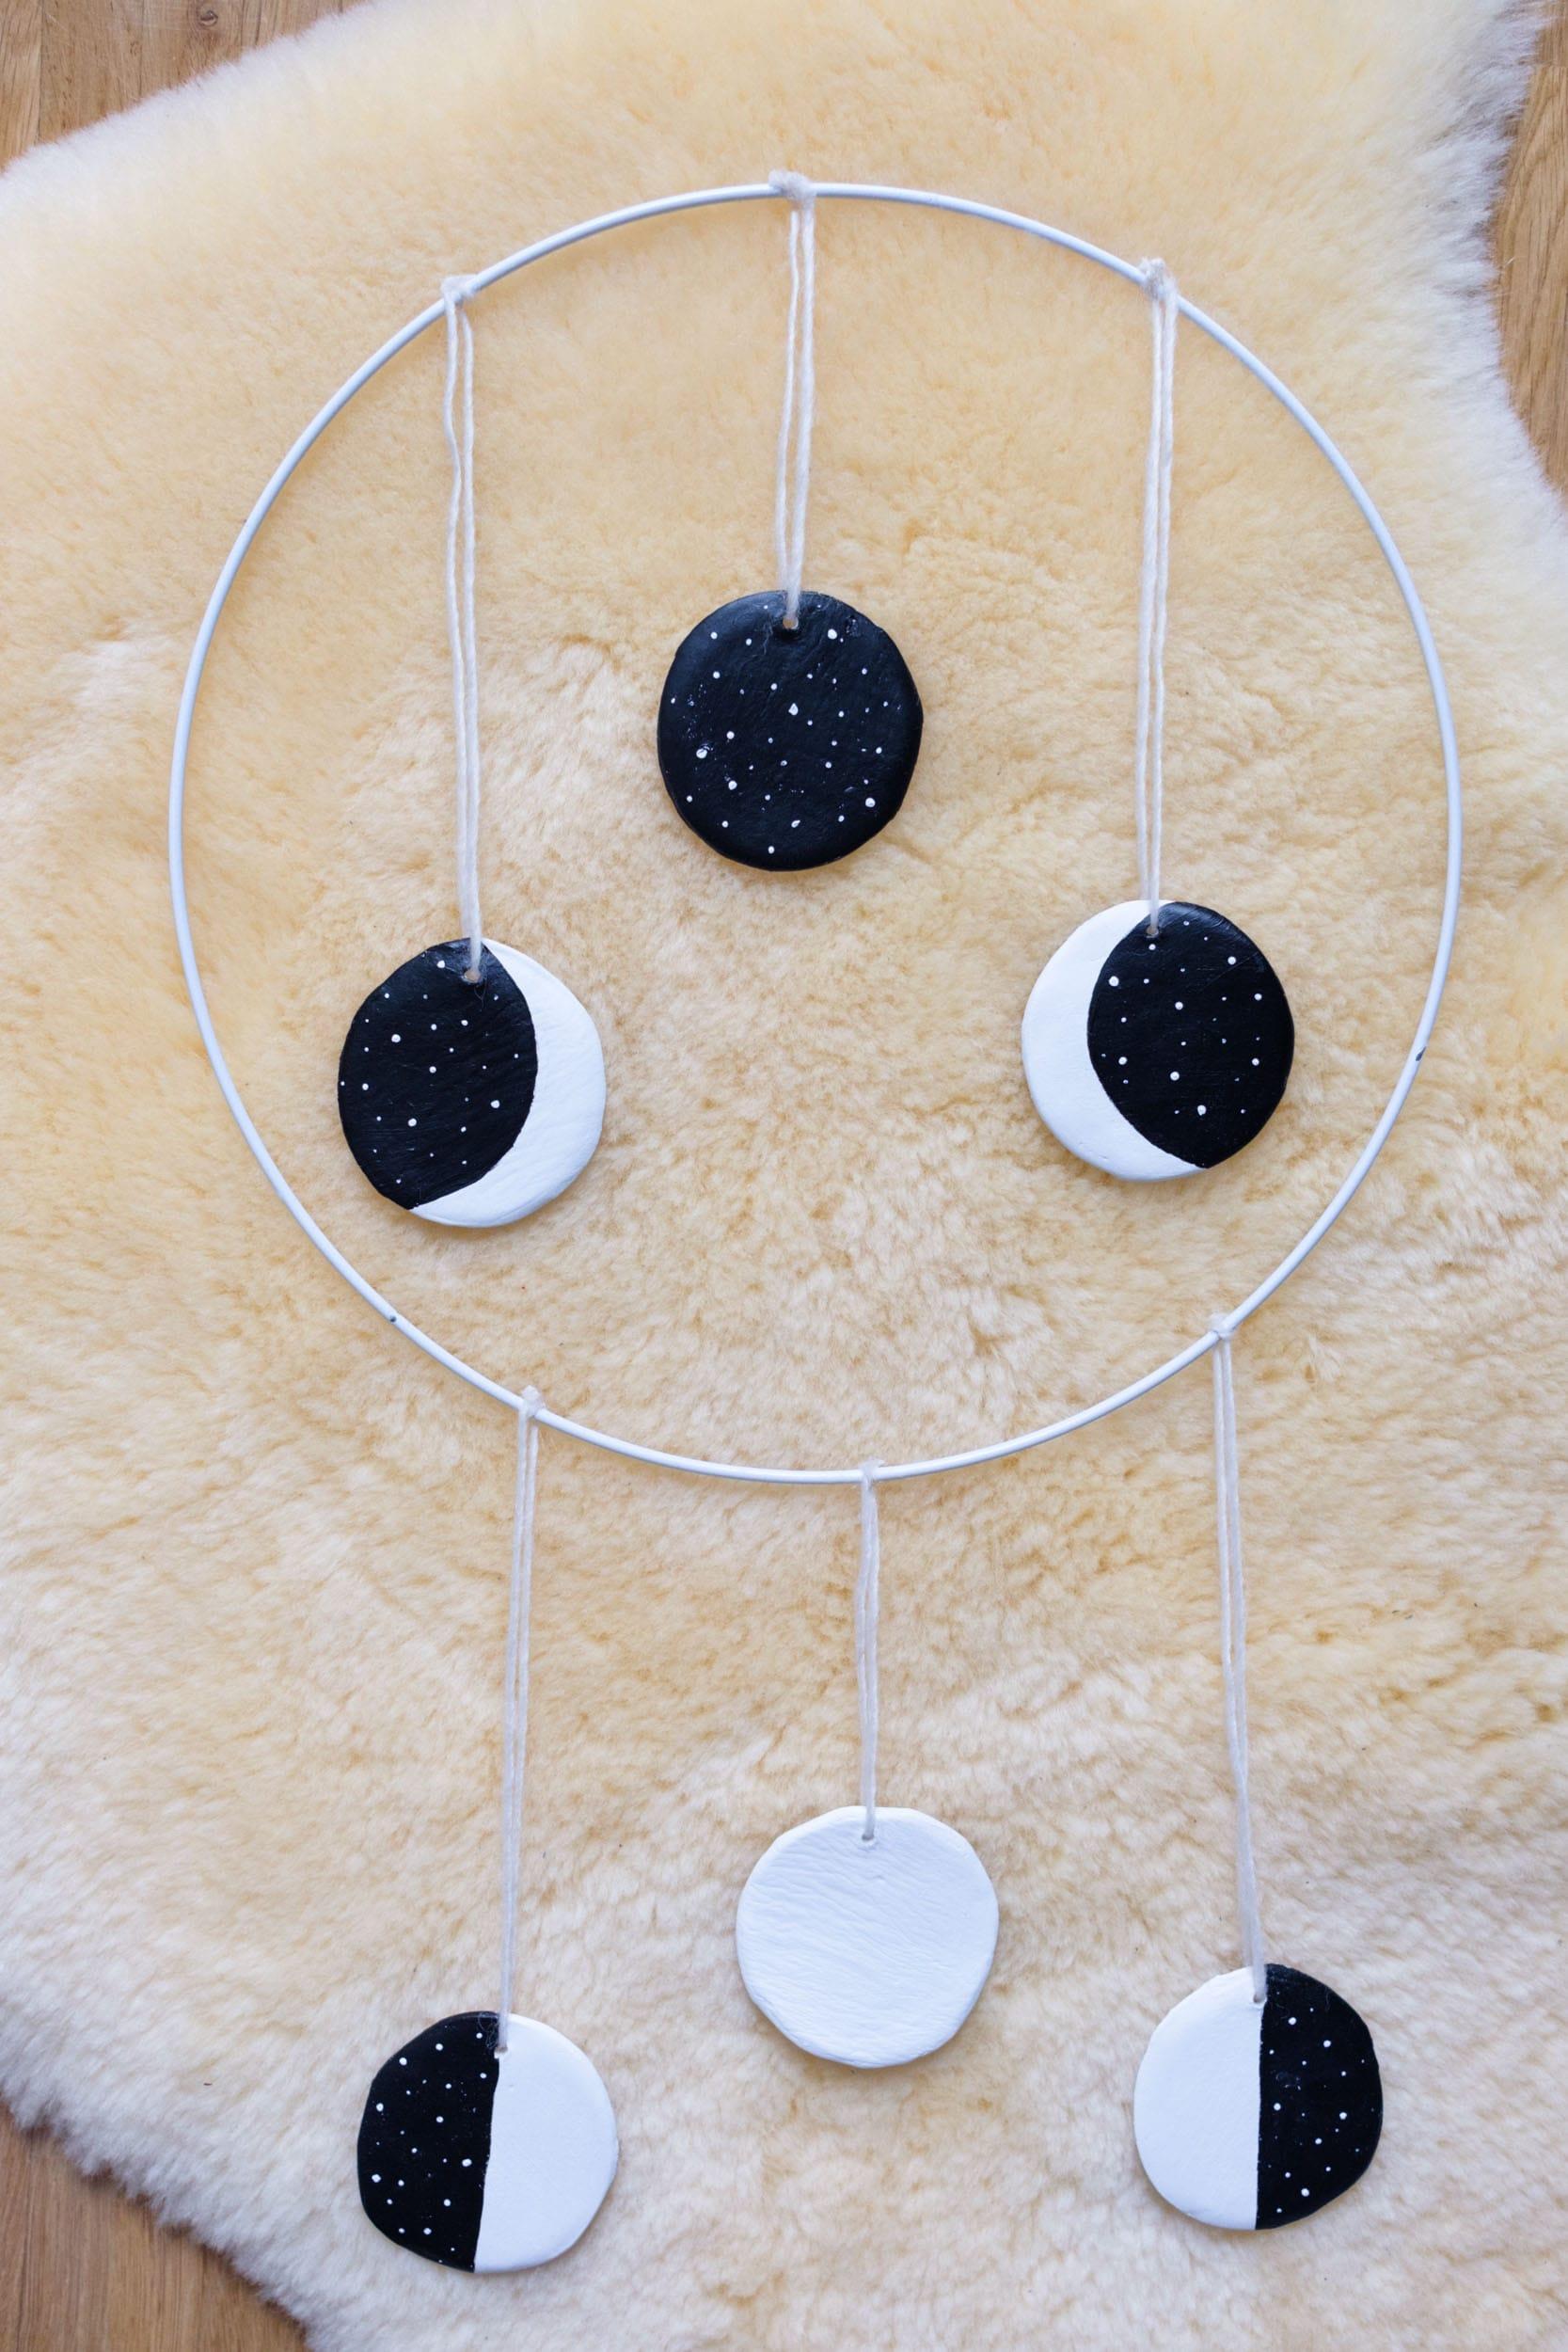 DIY | Wand-Mobile kleine Mondphase | Wanddekoration selber machen | Wall Hanging | Basteln mit Modeliermasse FIMOair | Lufttrocknender Ton | Kinderzimmerdeko | Schlafzimmerdeko | #kinderzimmer #deko #diy #wallhanging #selbermachen | Mehr auf ivy.li